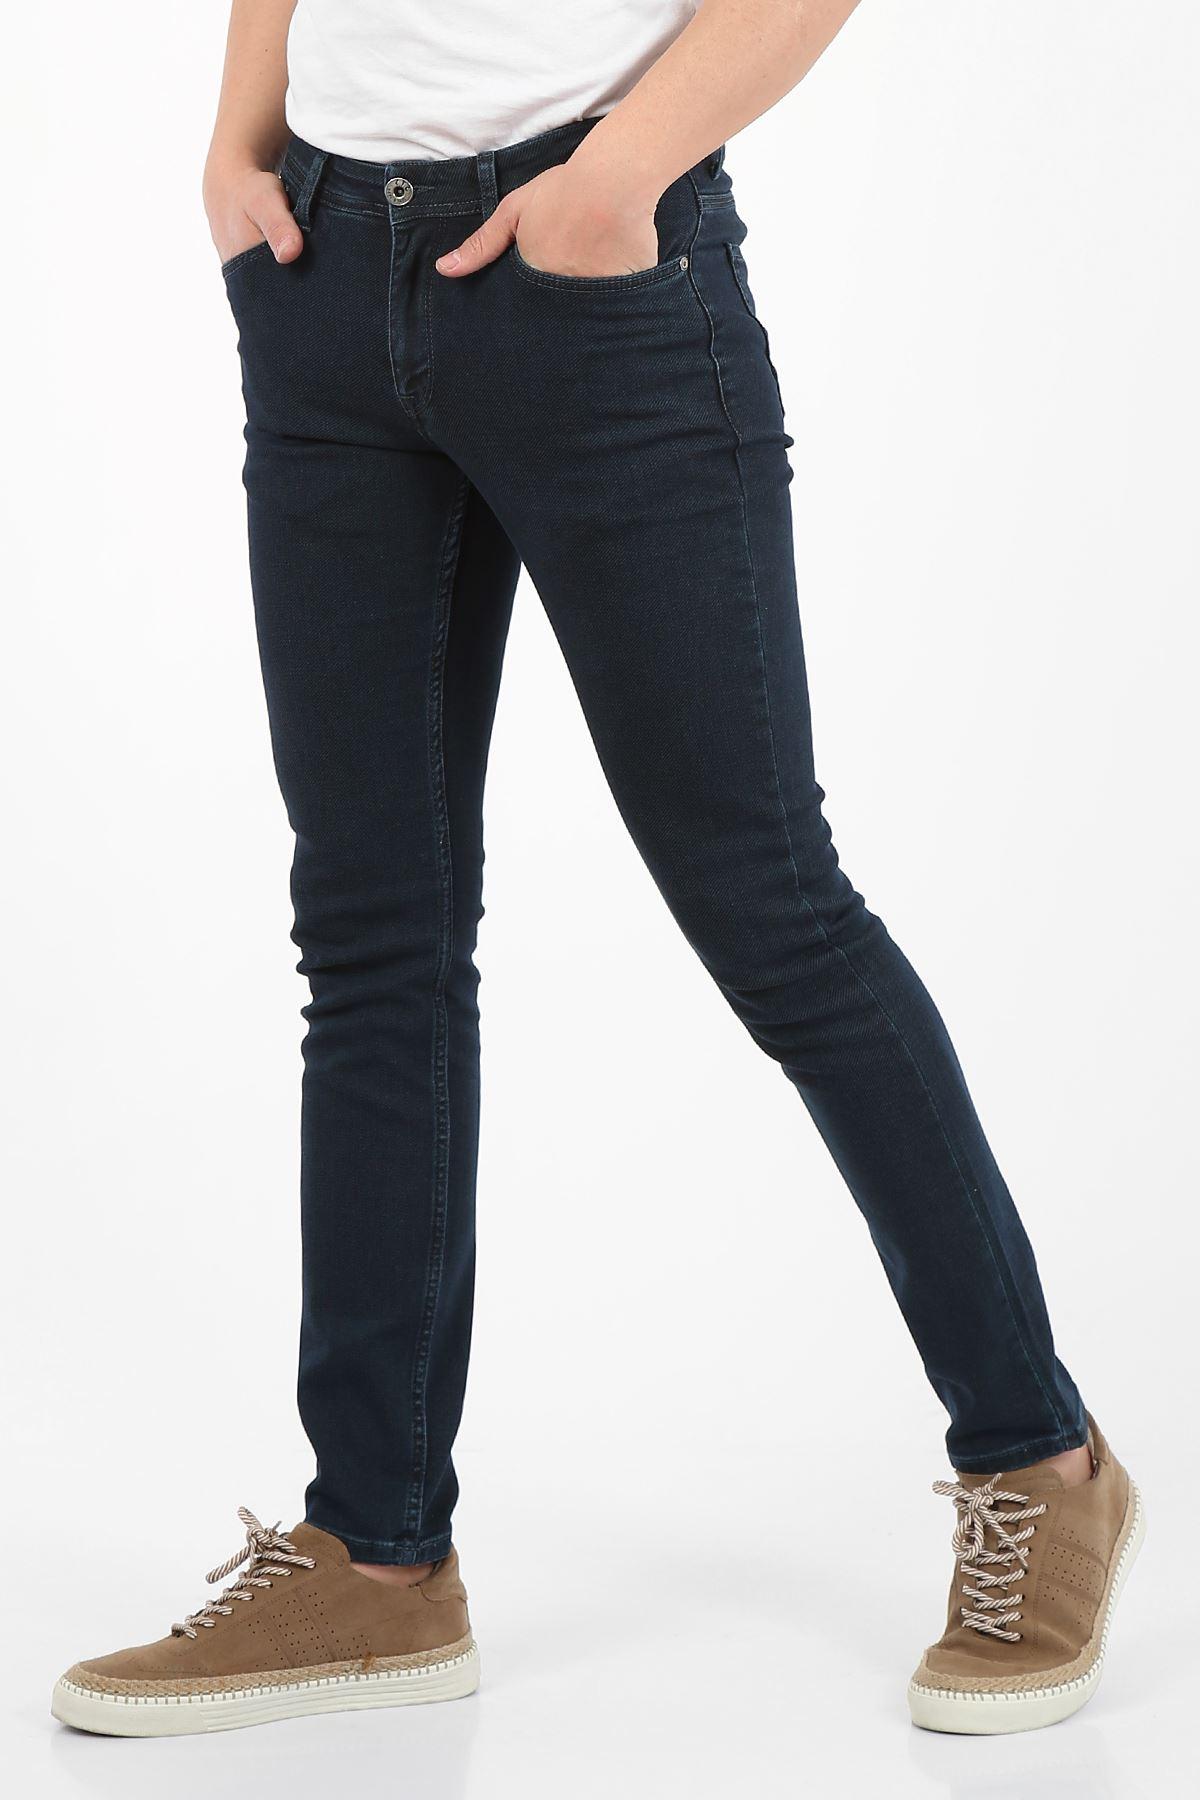 Yeşil Tint Yumaşak Doku Yarı Slim Fermuarlı Erkek Jeans Pantolon-SAWYER